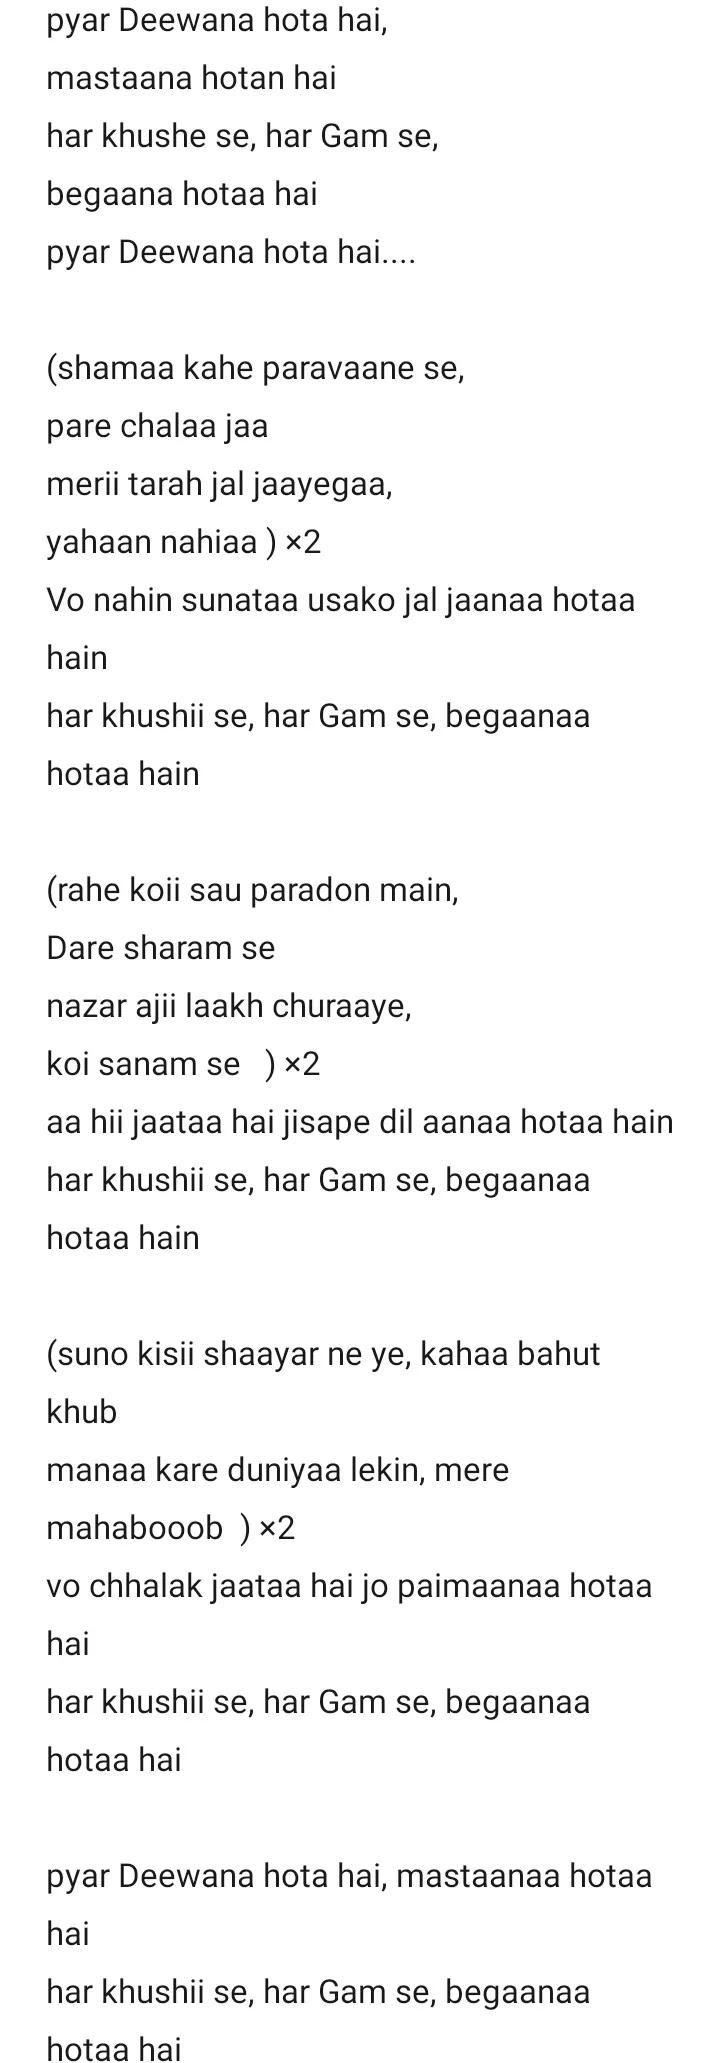 pyar Deewana hota hai lyrics प्यार दीवाना होता है - kishore kumar| Kati Patang